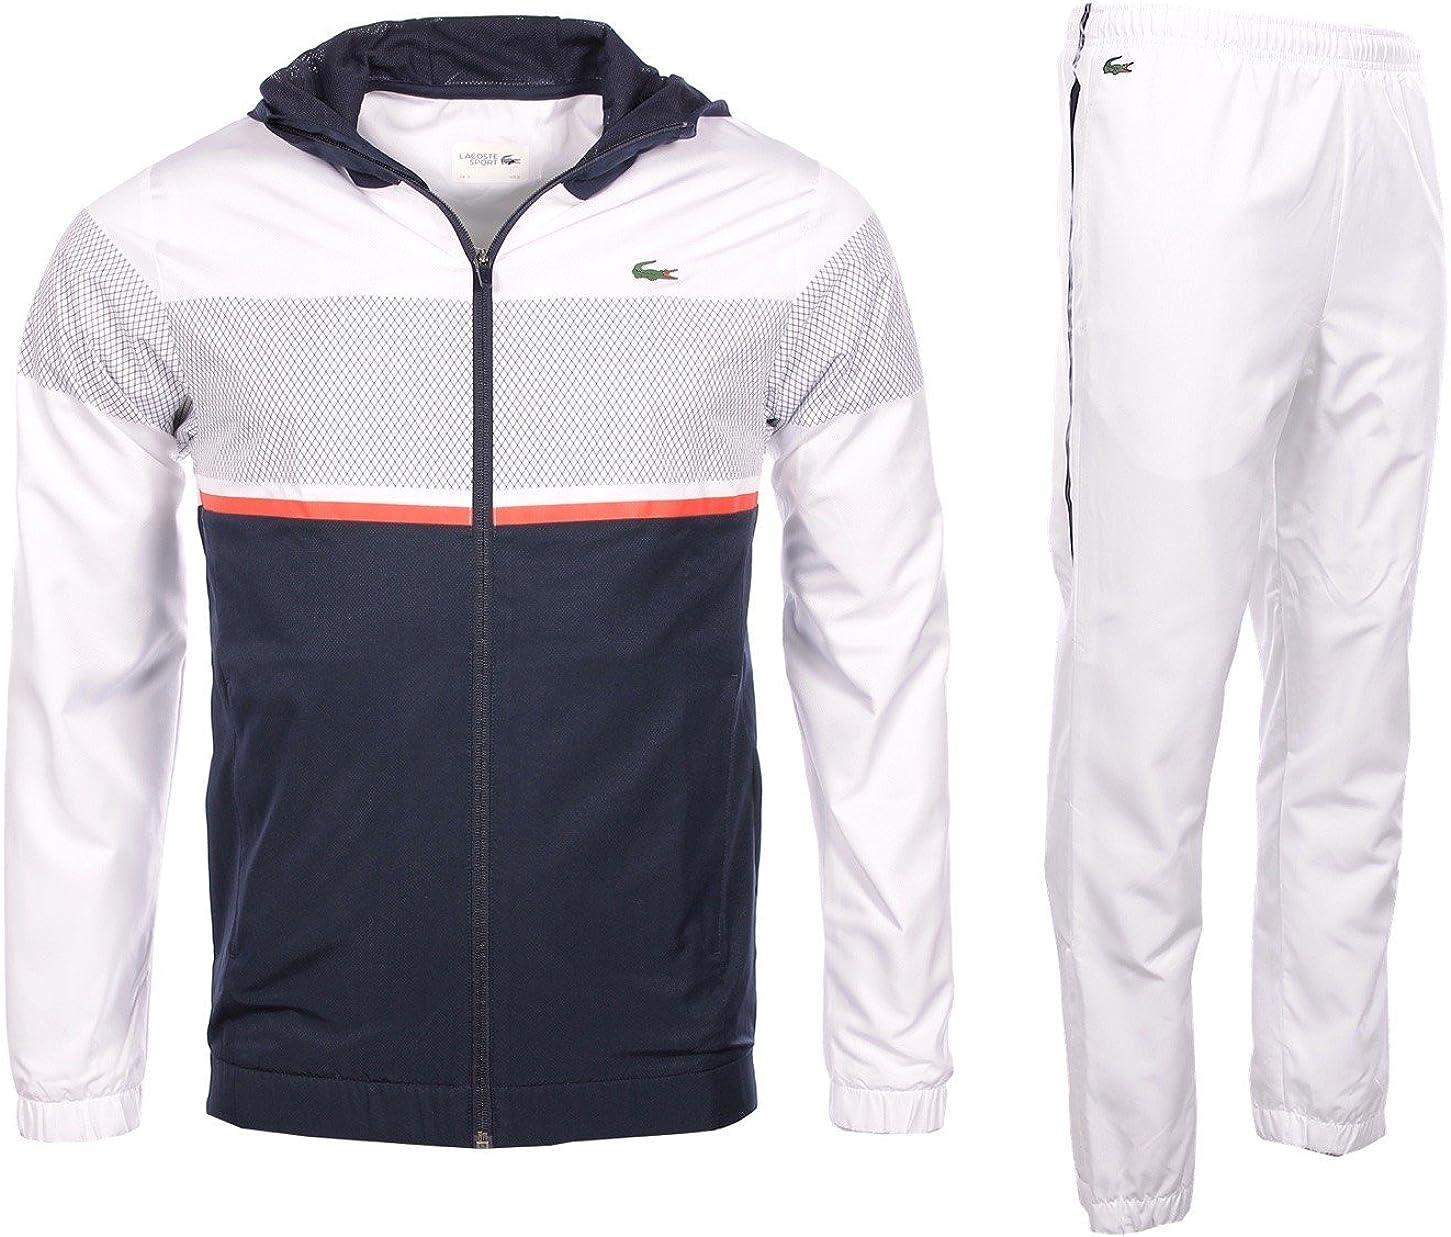 Lacoste Hombre Sportswear Juego de wh2092, weiß - marine - rot ...